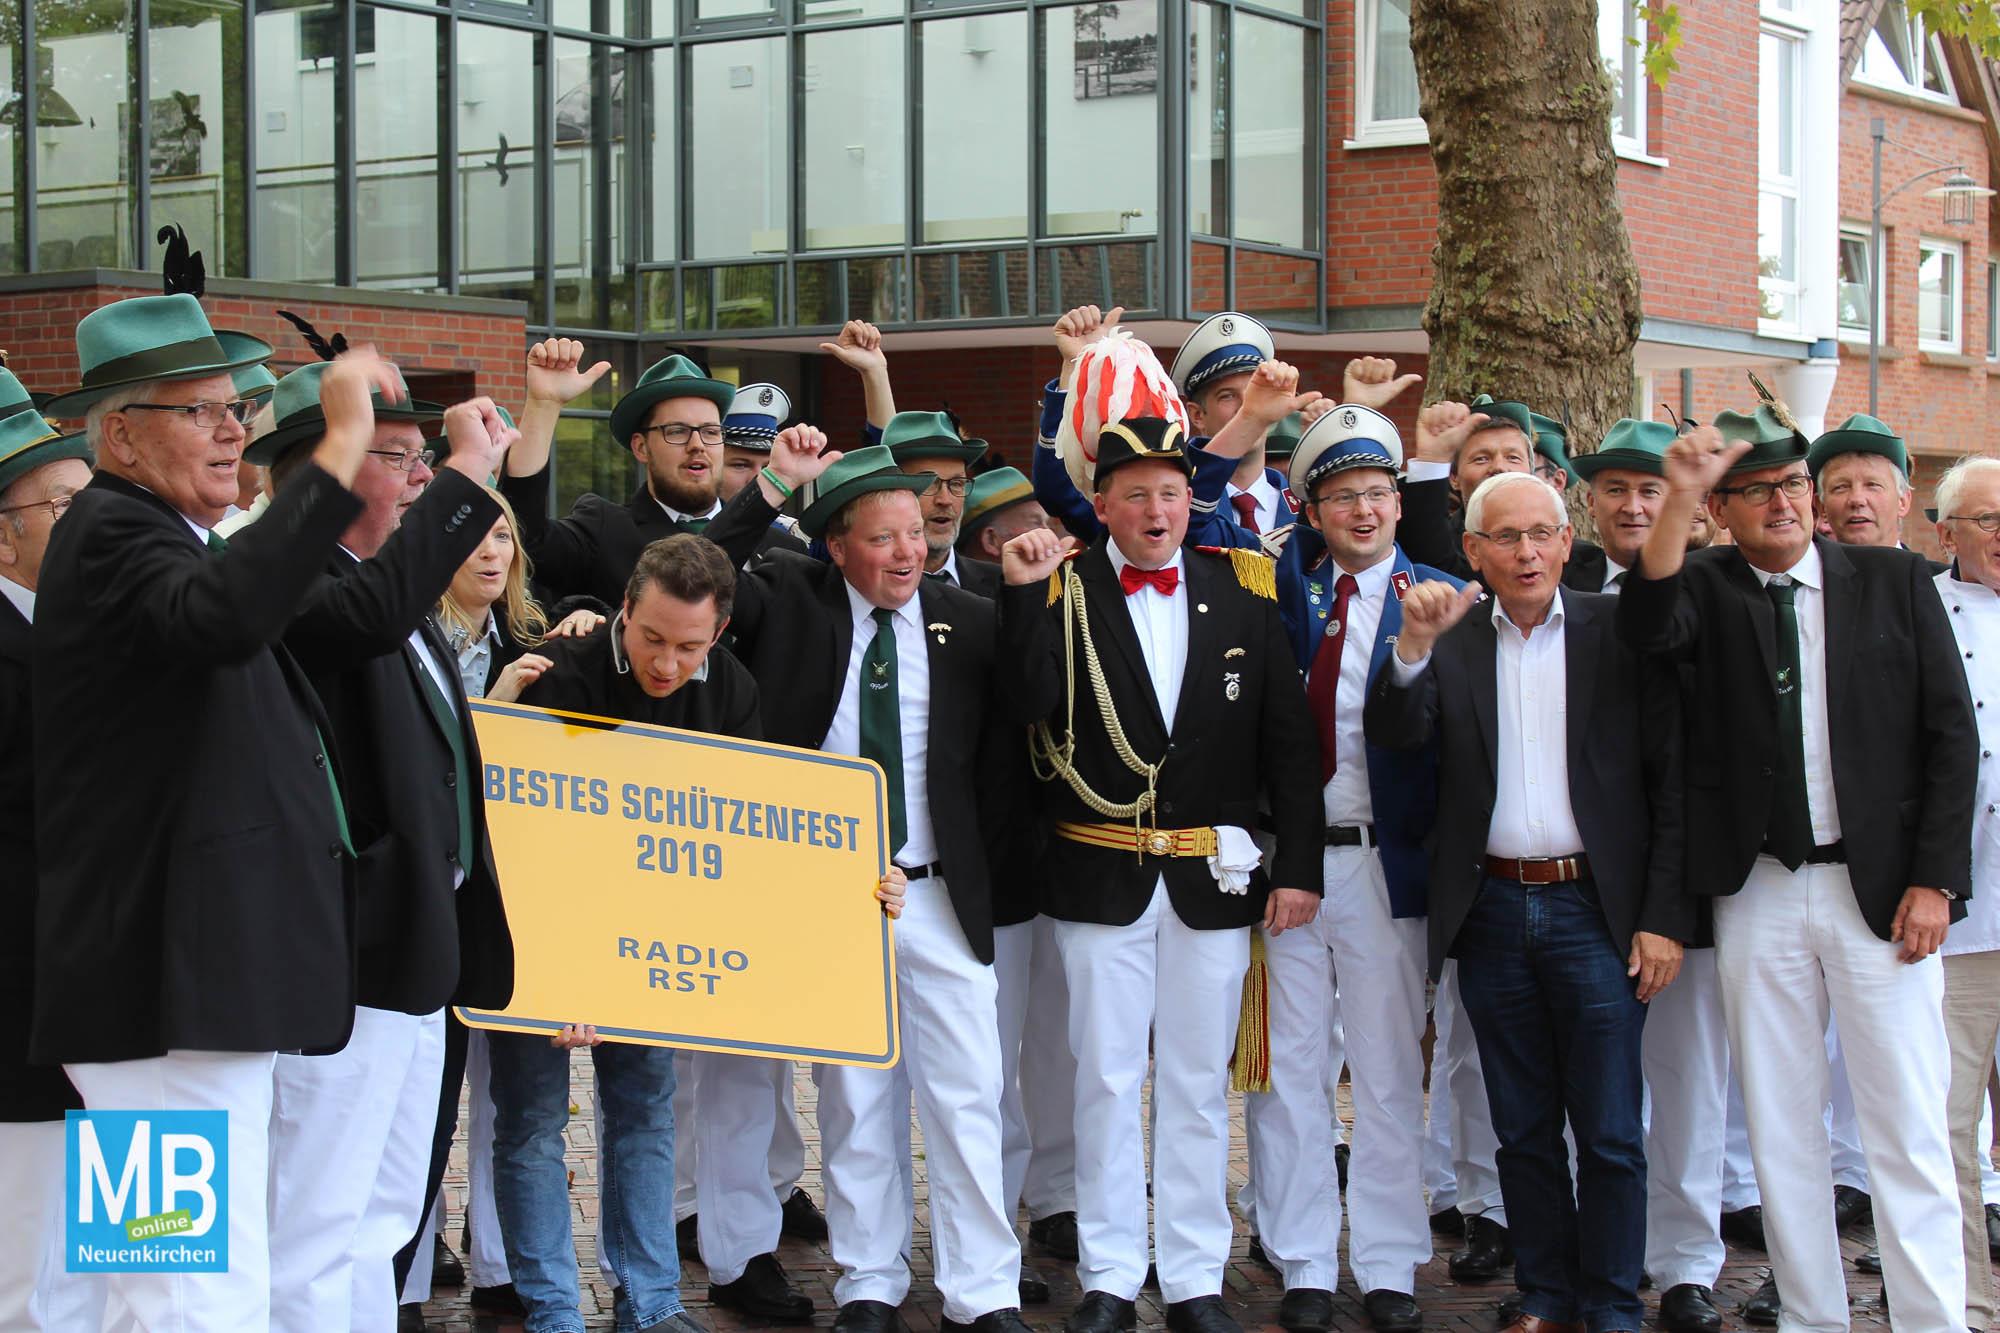 Offlumer Schützenverein erhält Preis für bestes Schützenfest. | Foto: Lea Helene Kaumanns